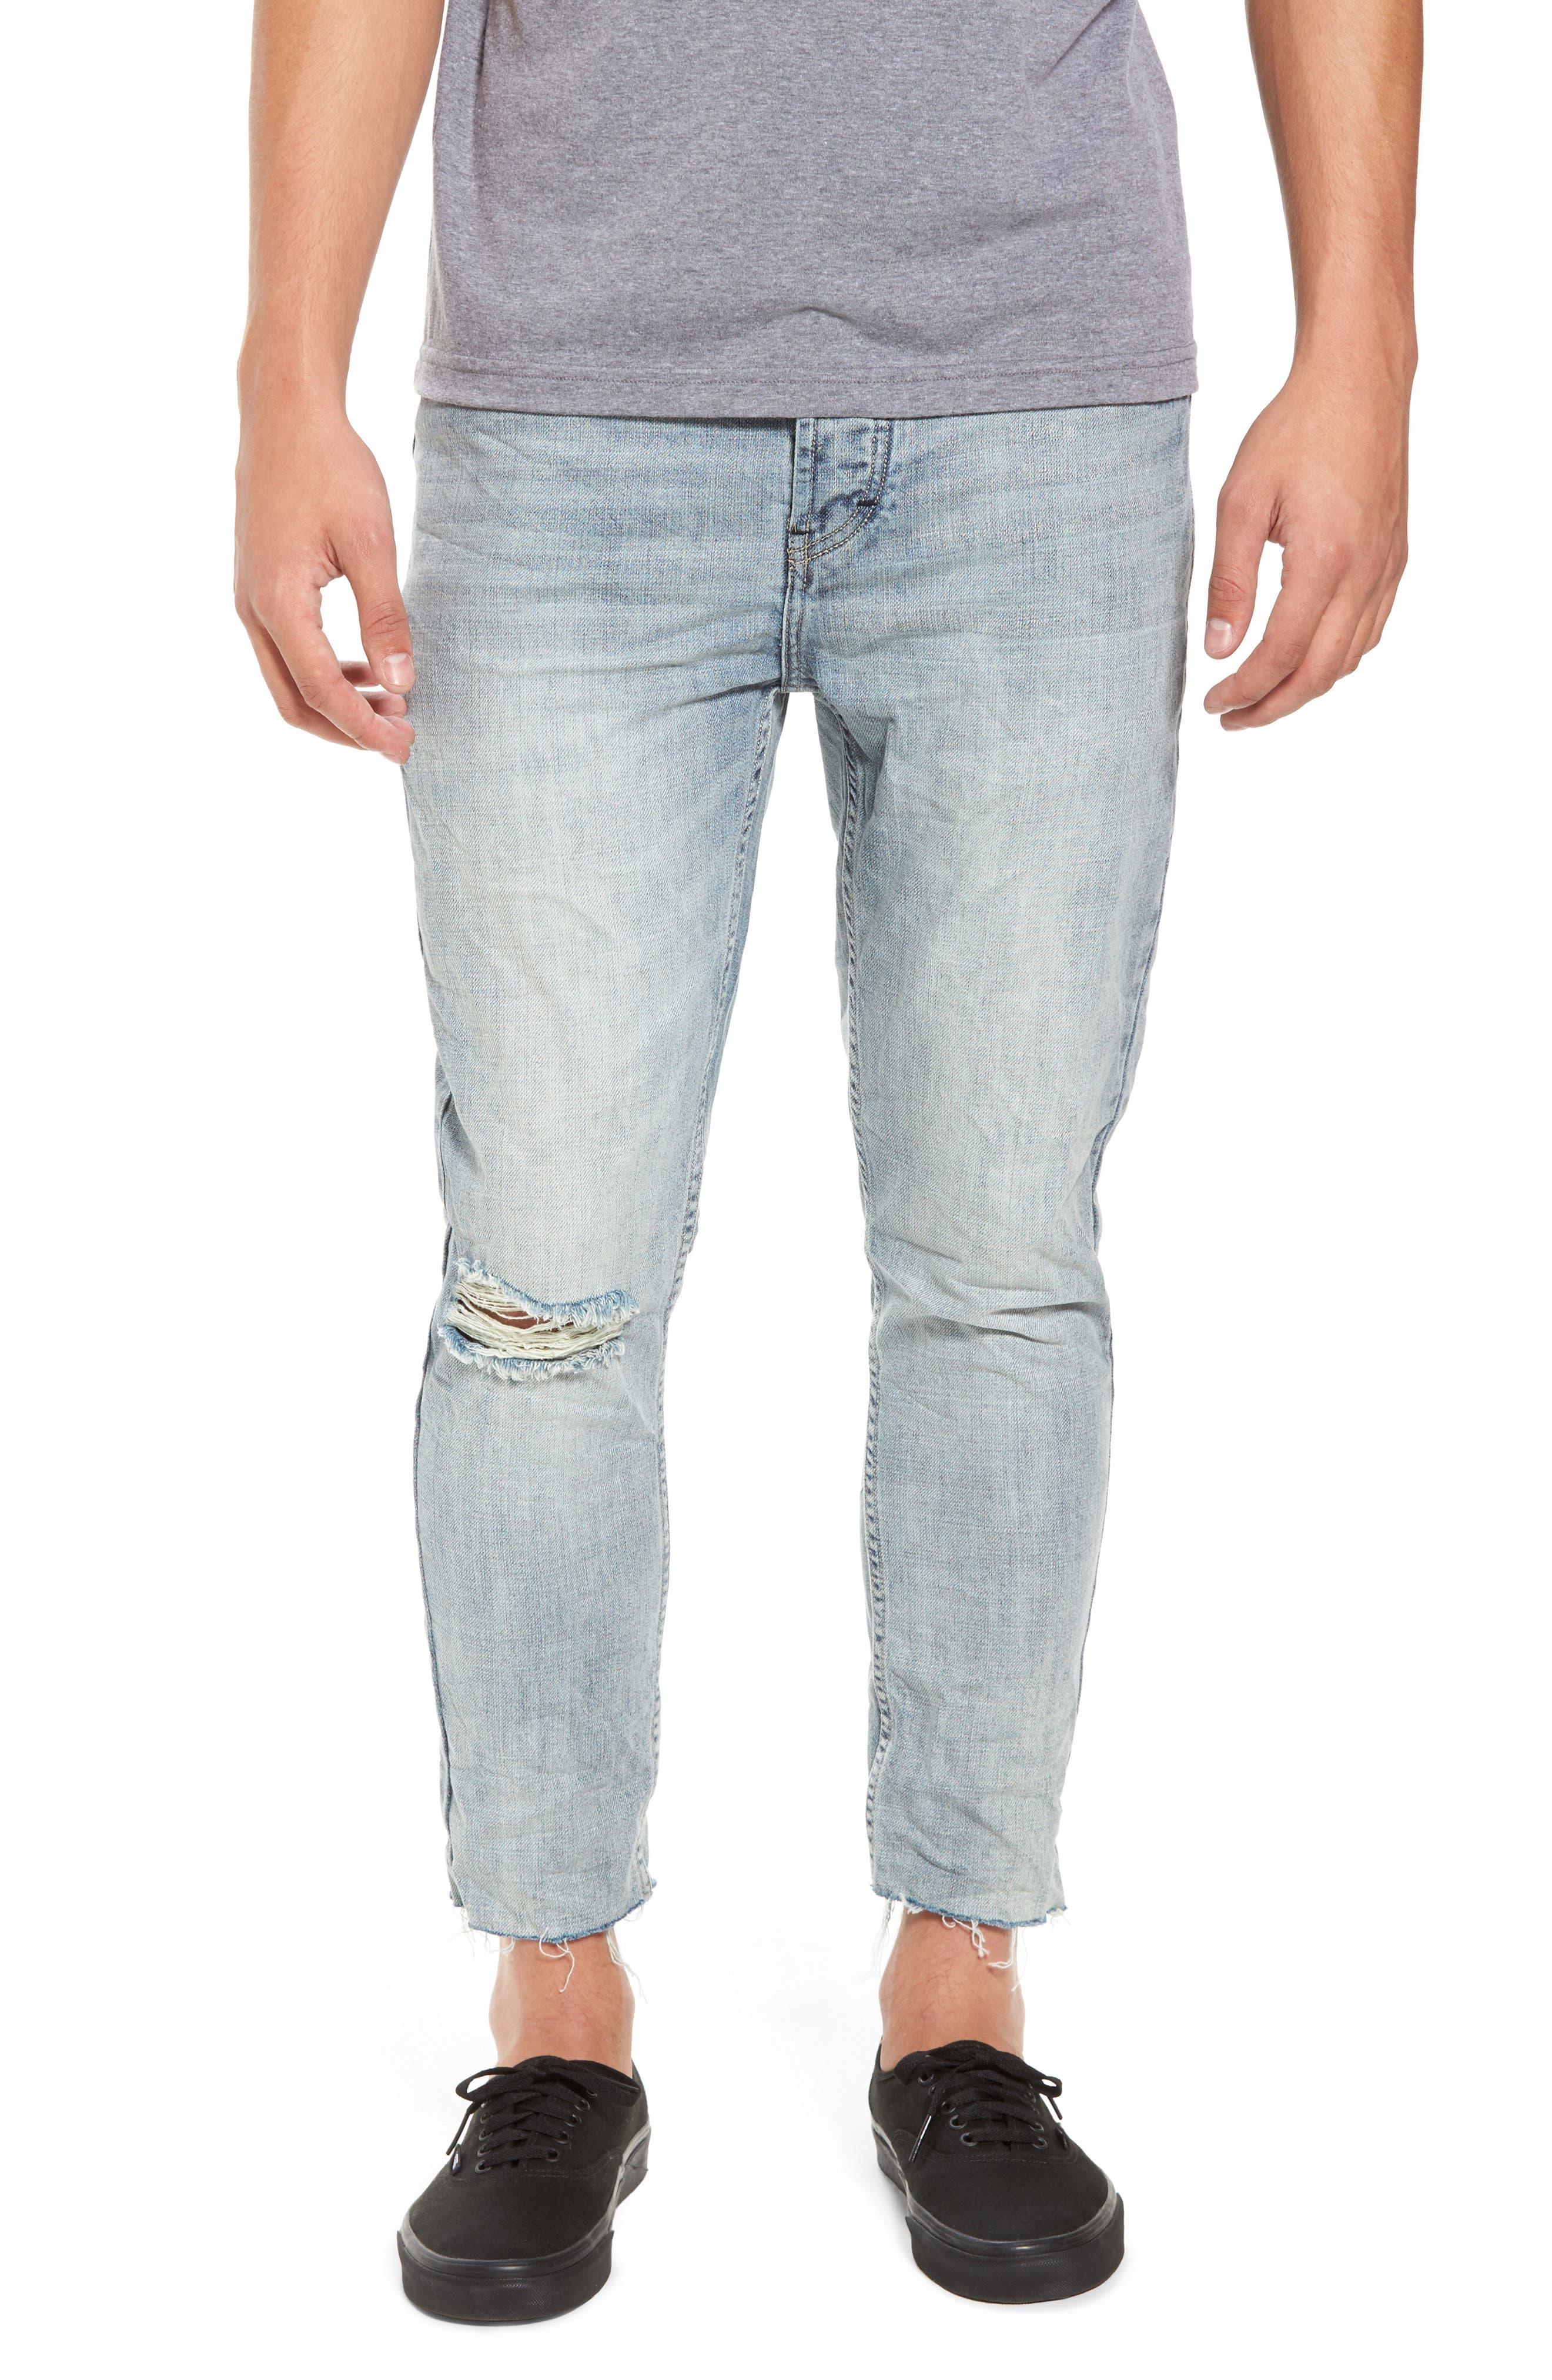 B.Line Crop Slim Fit Jeans,                             Main thumbnail 1, color,                             90S Stonewash